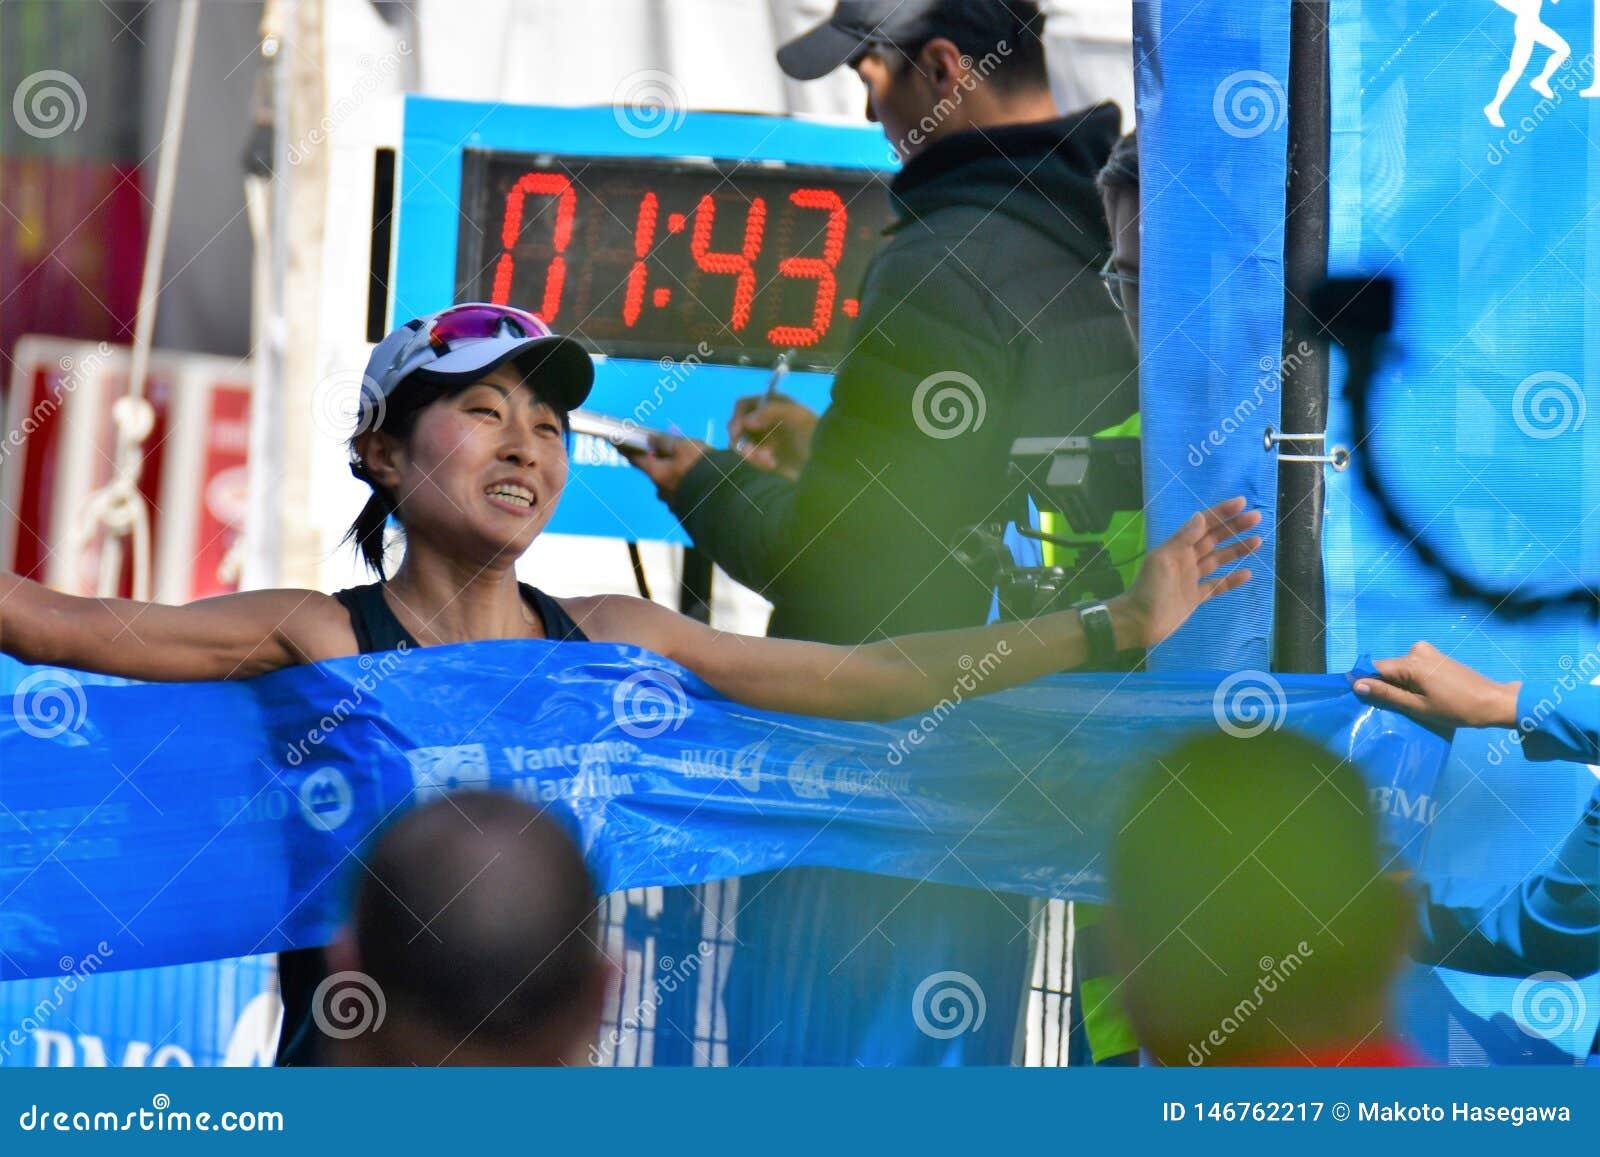 Ms. Yuko Mizuguchi won female 1st place at Vancouver marathon. Time is 02:41:28.0